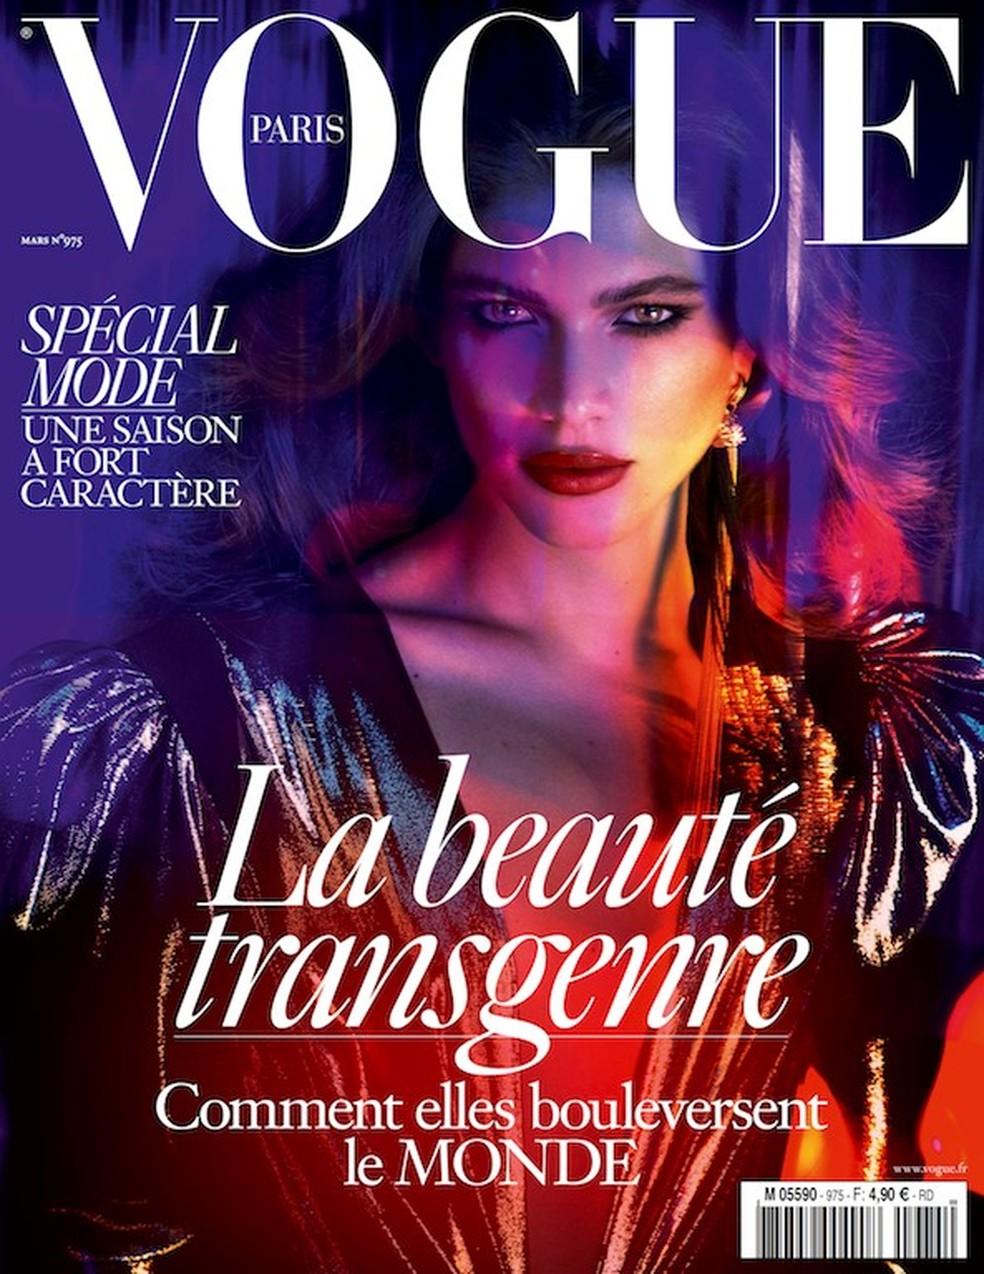 Valentina Sampaio Valentina foi também a primeira trans a ser capa da revista Vogue Paris, com uma matéria que tratava sobre a beleza transgênera. — Foto: Divulgação